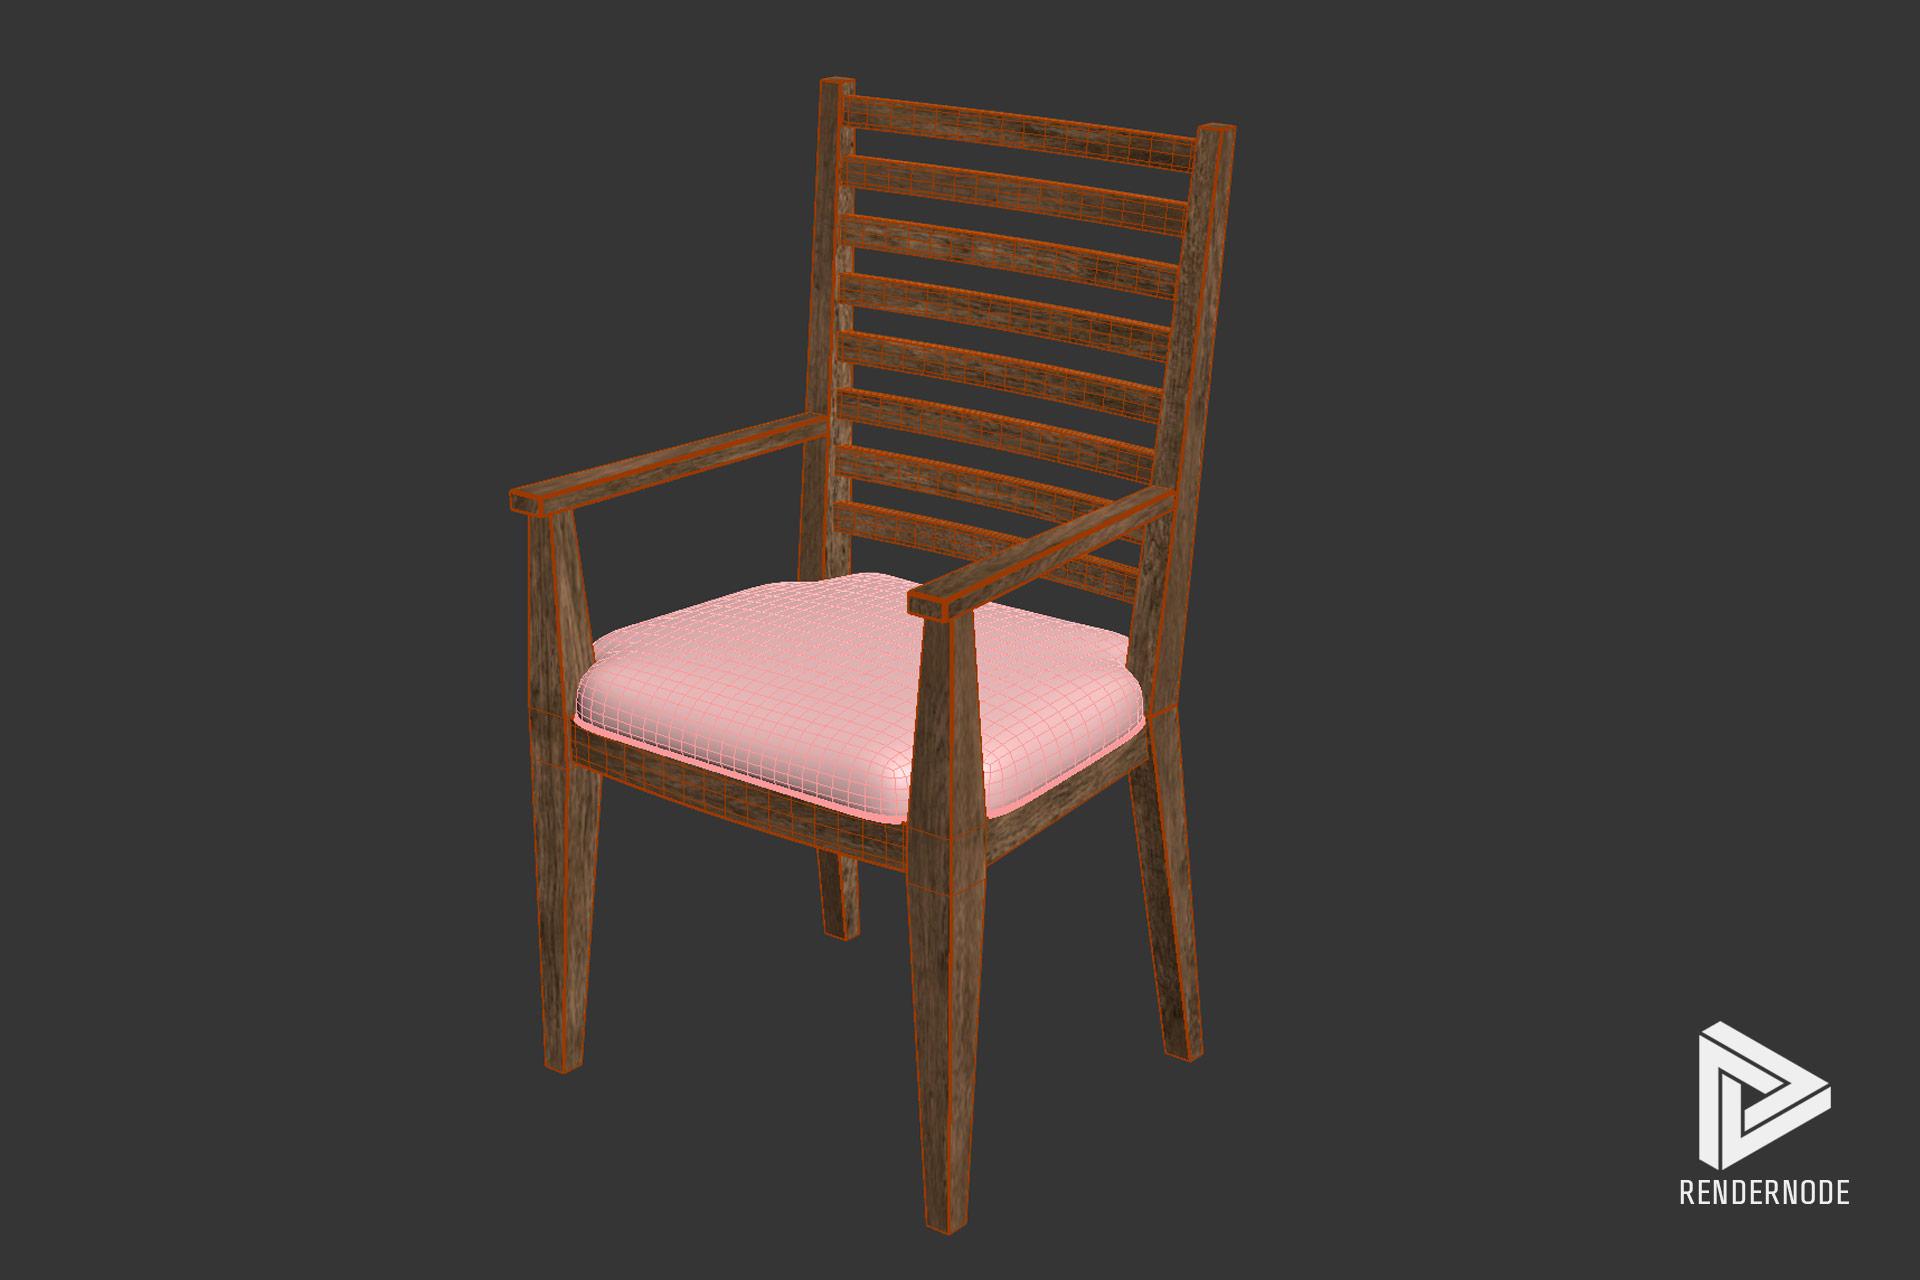 Rendernode Seat Cushion Modeling Tutorial